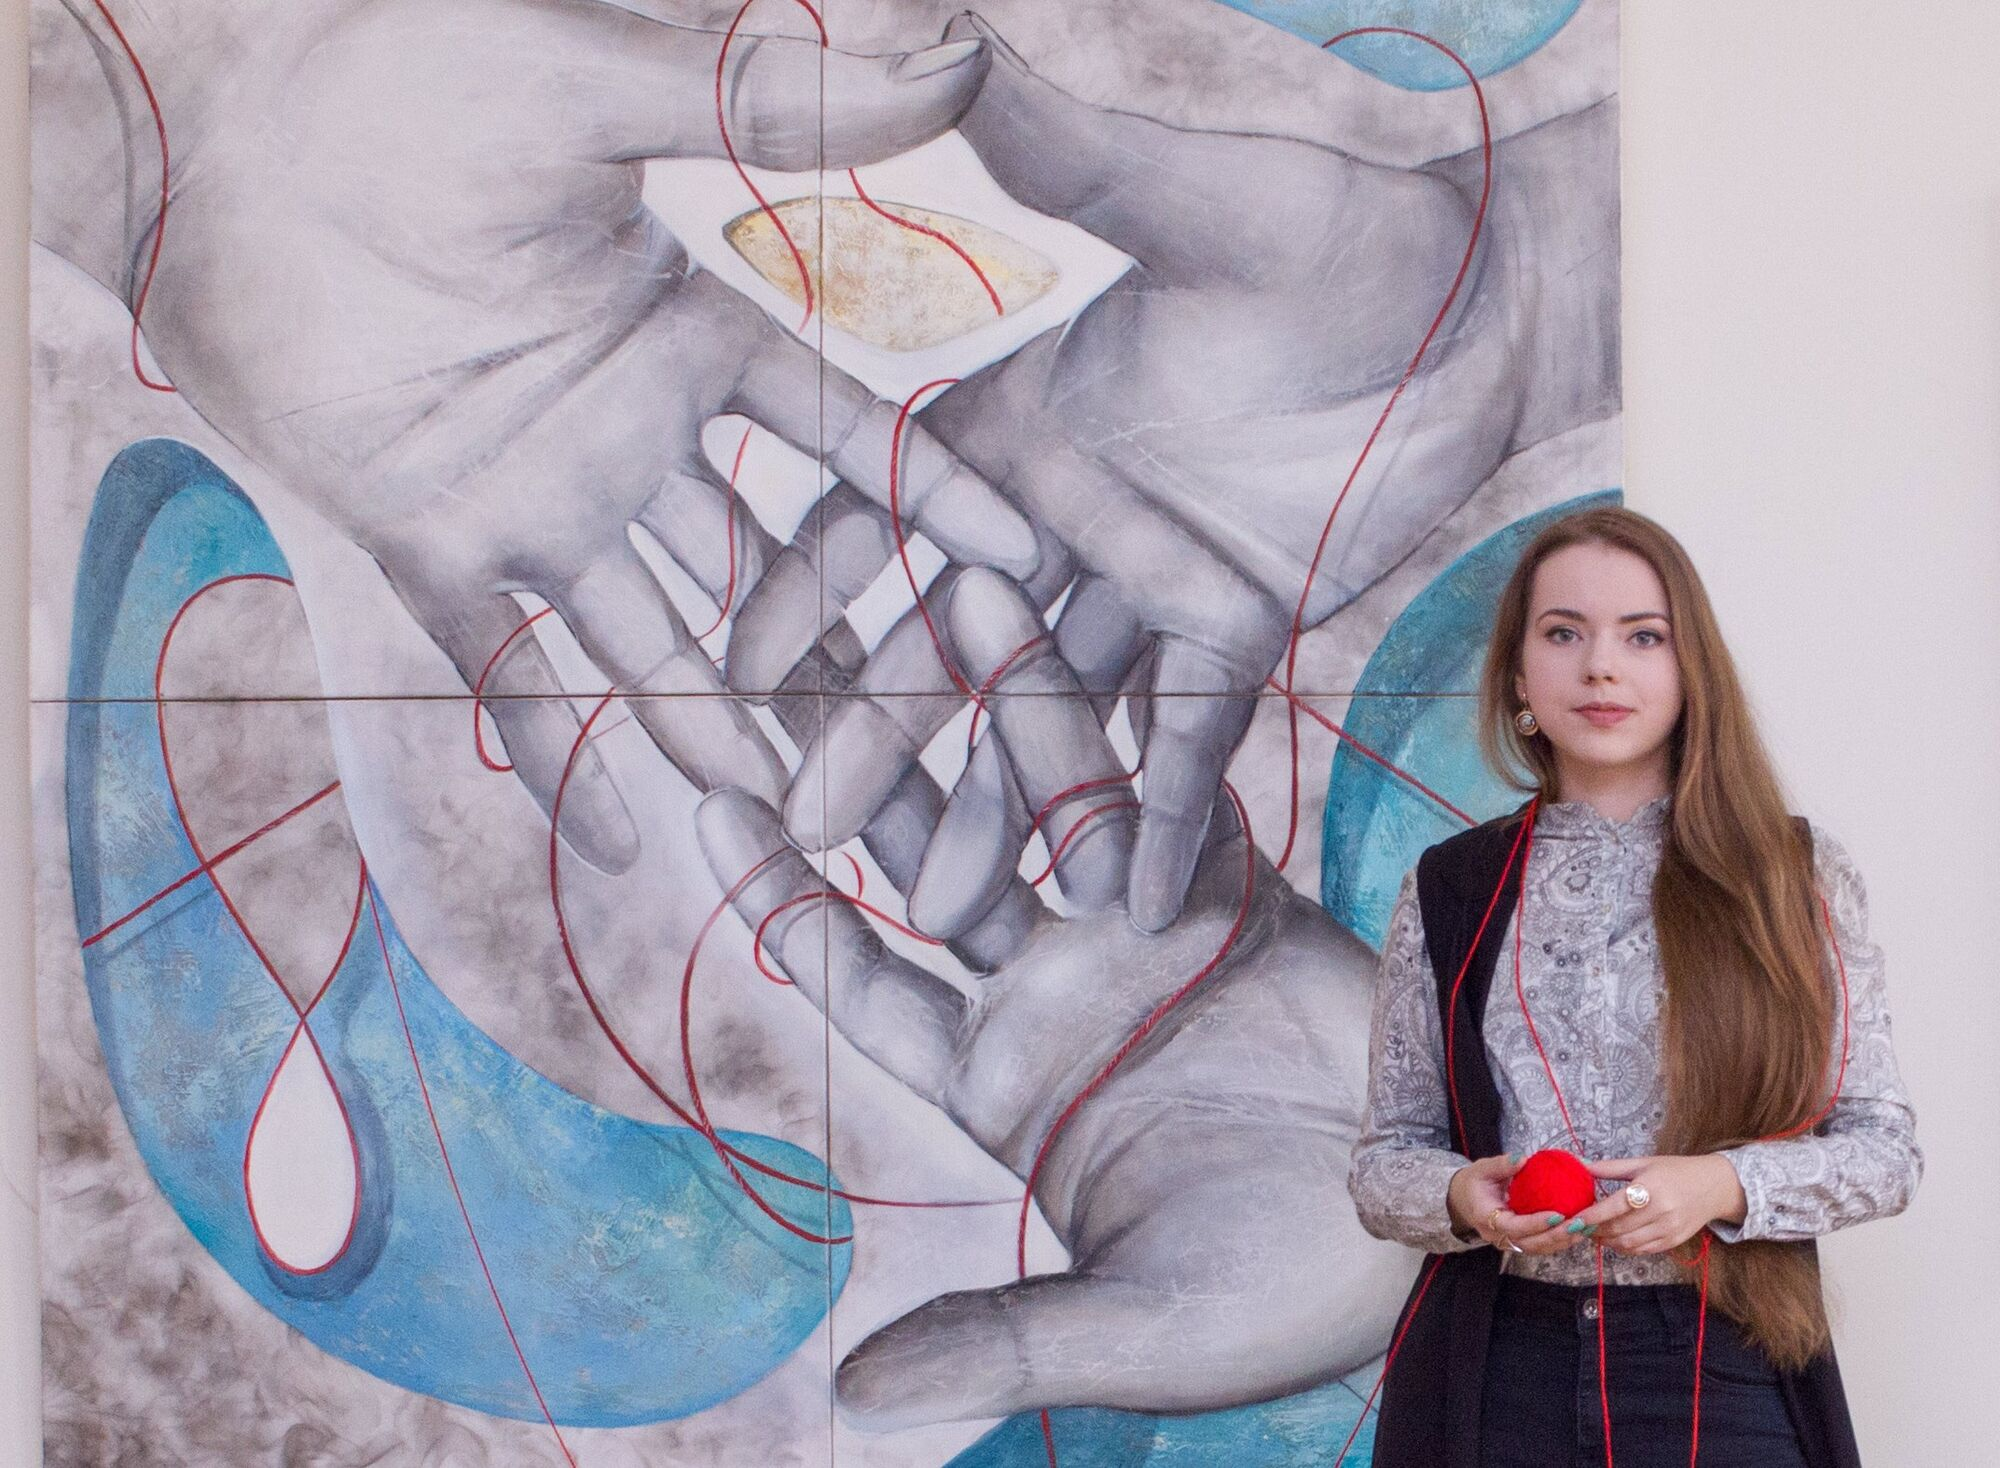 Творческие поиски Анастасии Худяковой, до 28.04